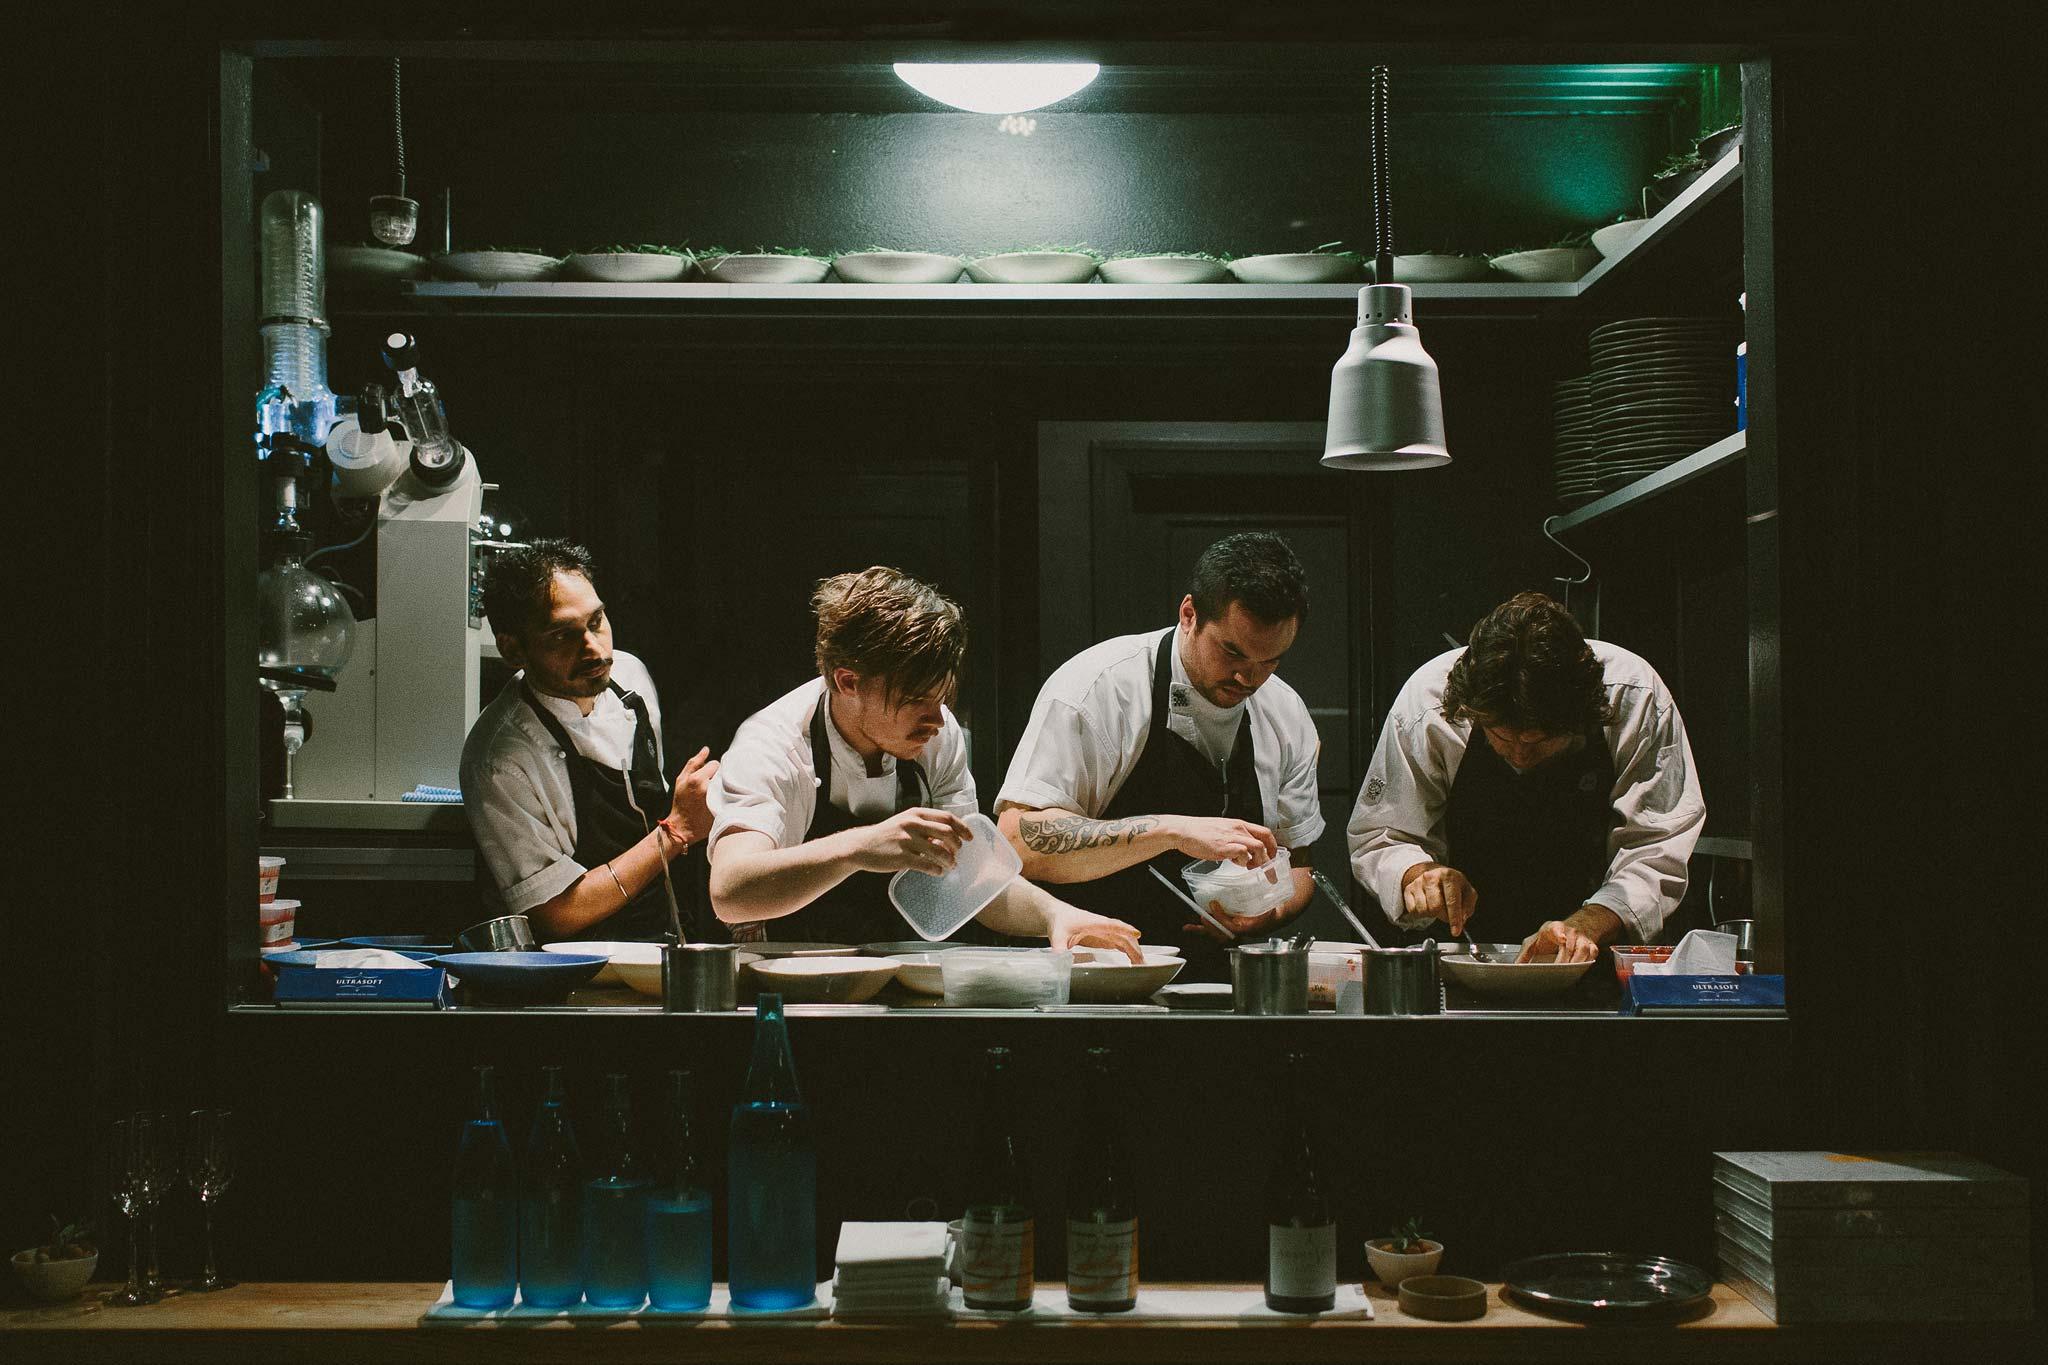 Kitchen and chefs of Attica Melbourne